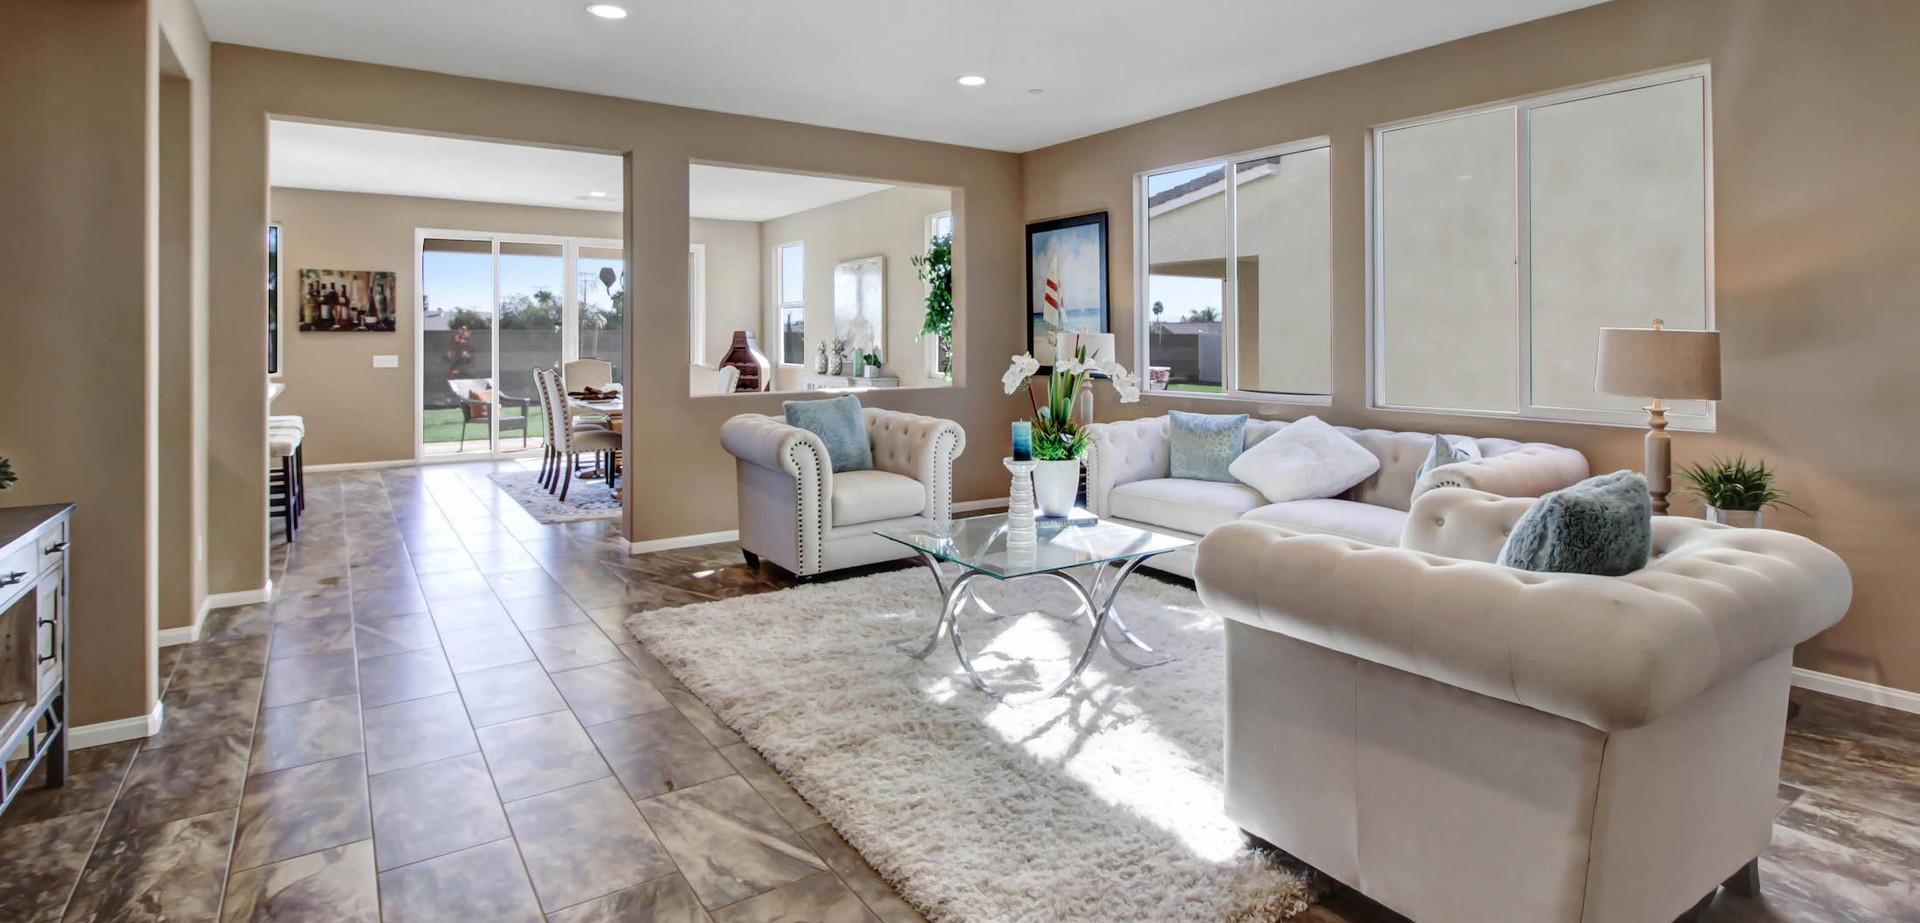 model-2 living room 2200x1125.jpg